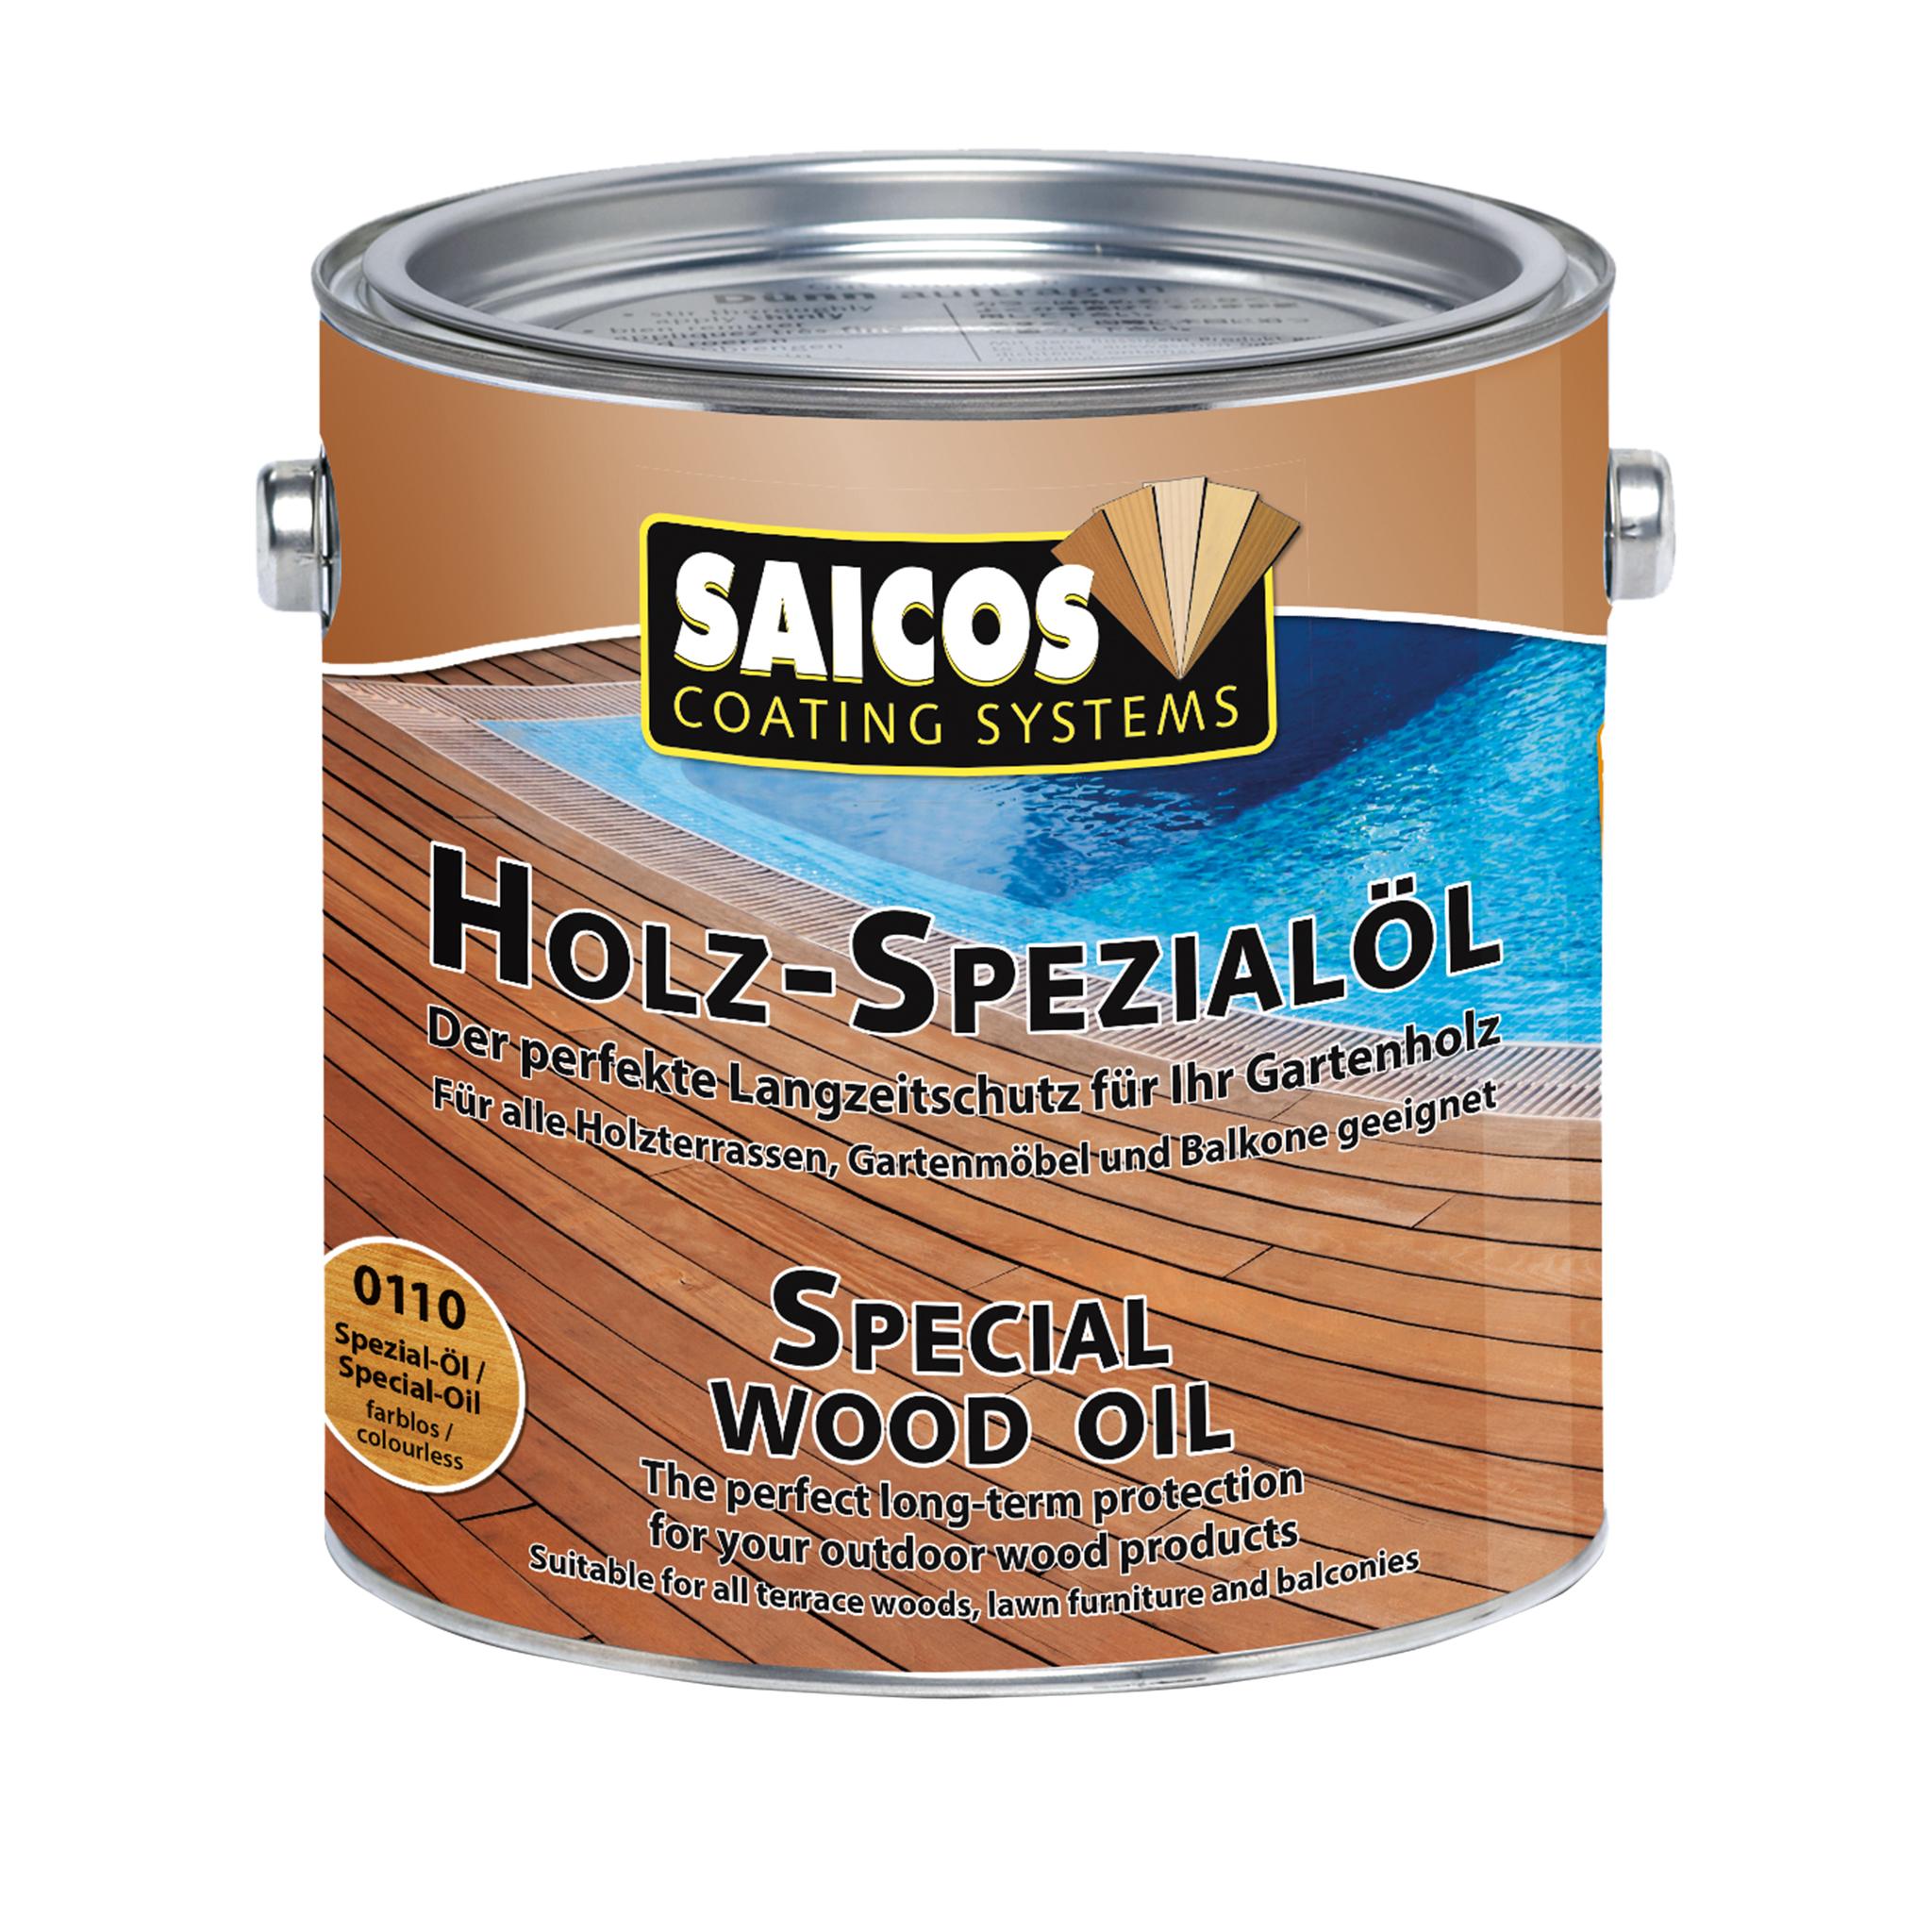 SAICOS Holz-Spezialöl farblos 2,50 Ltr.